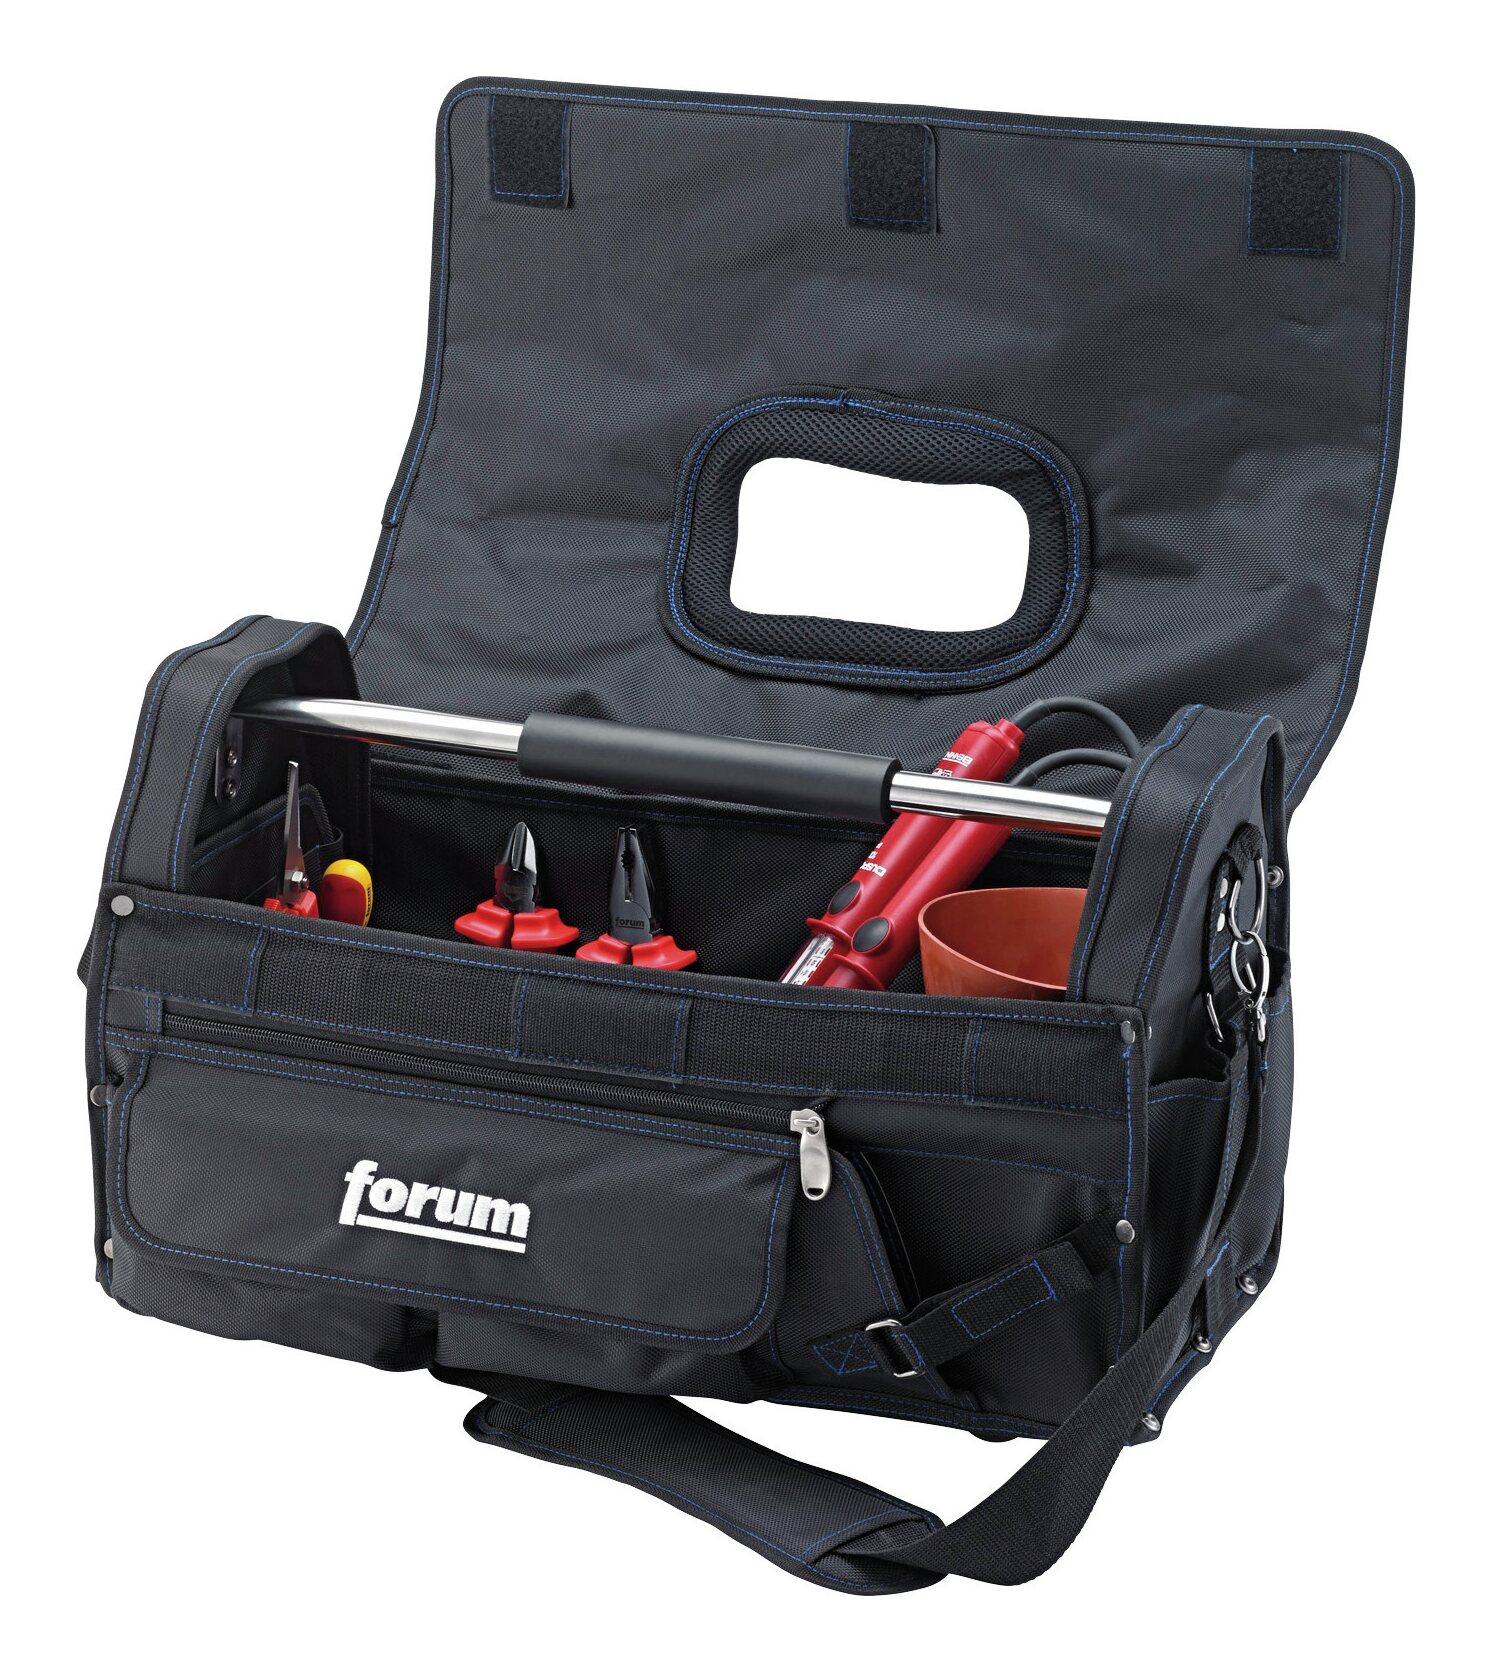 Forum Werkzeug-Tasche Elektriker 480 x 220 x 280 mm